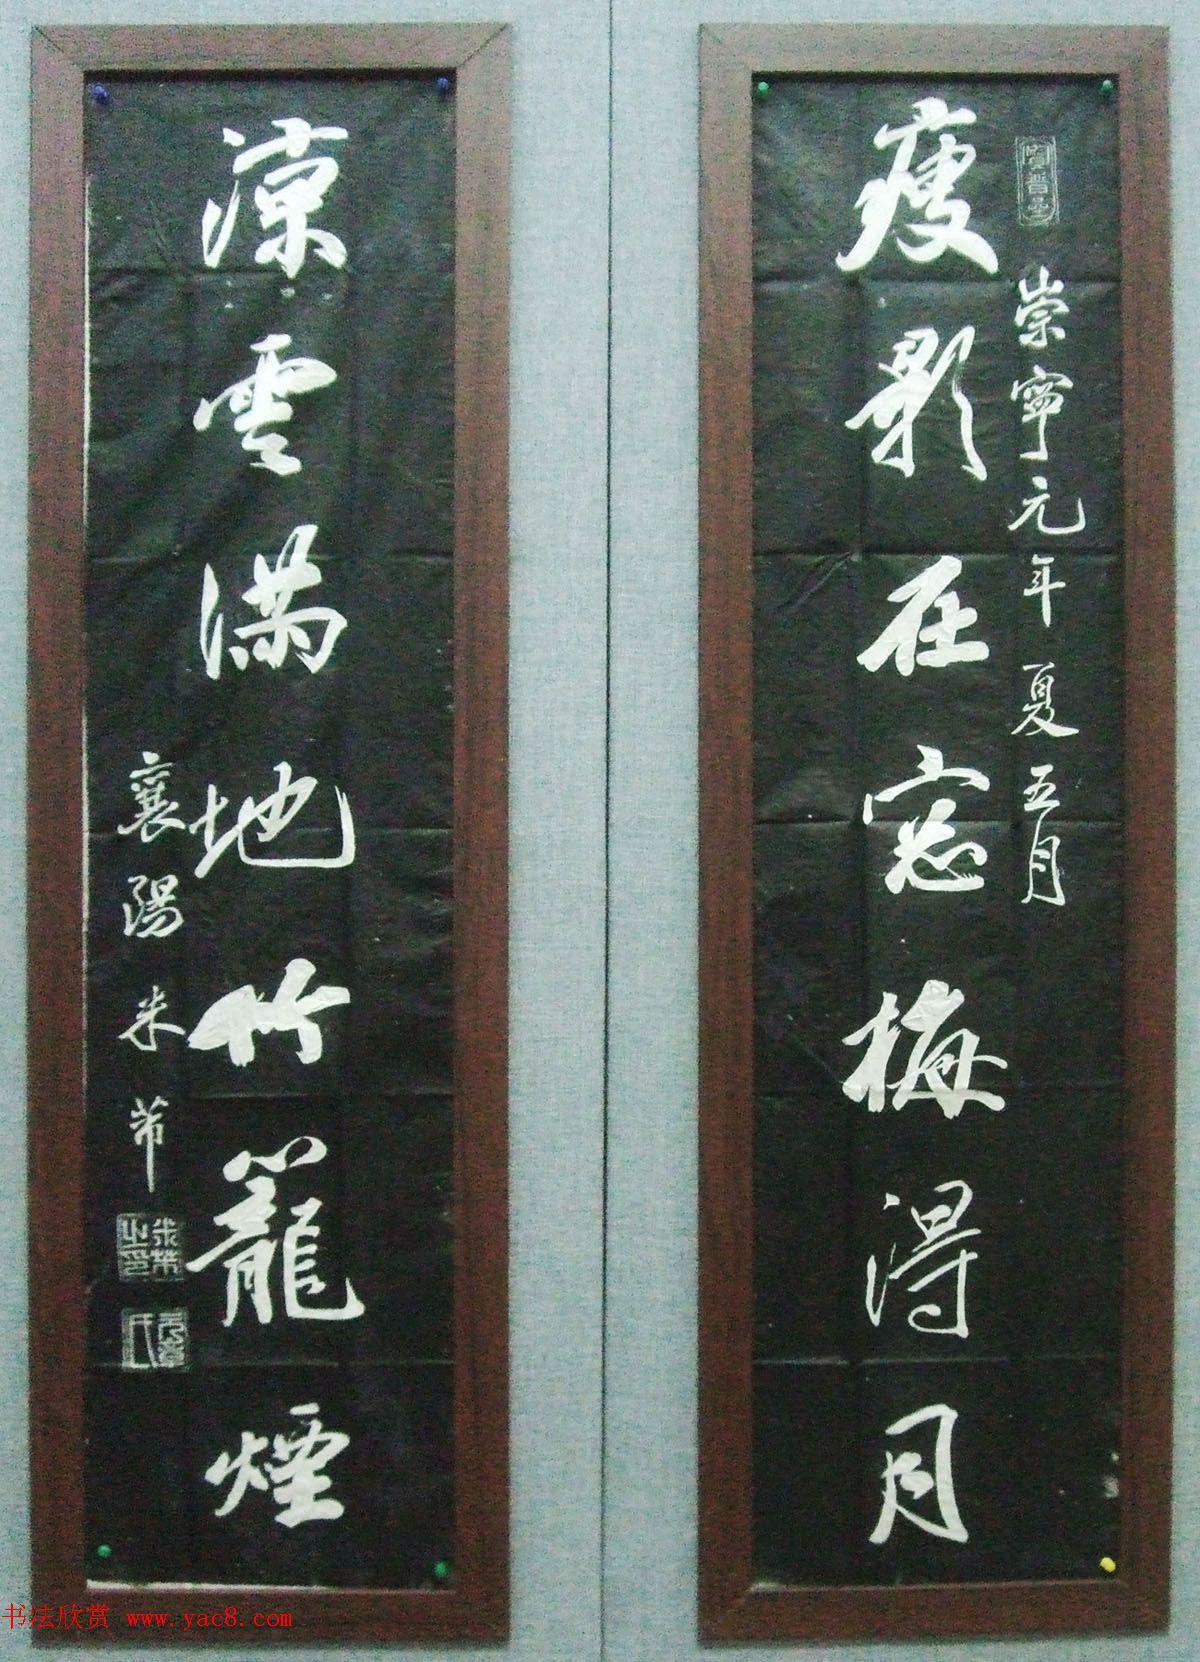 米芾行书集字春联对联书法欣赏